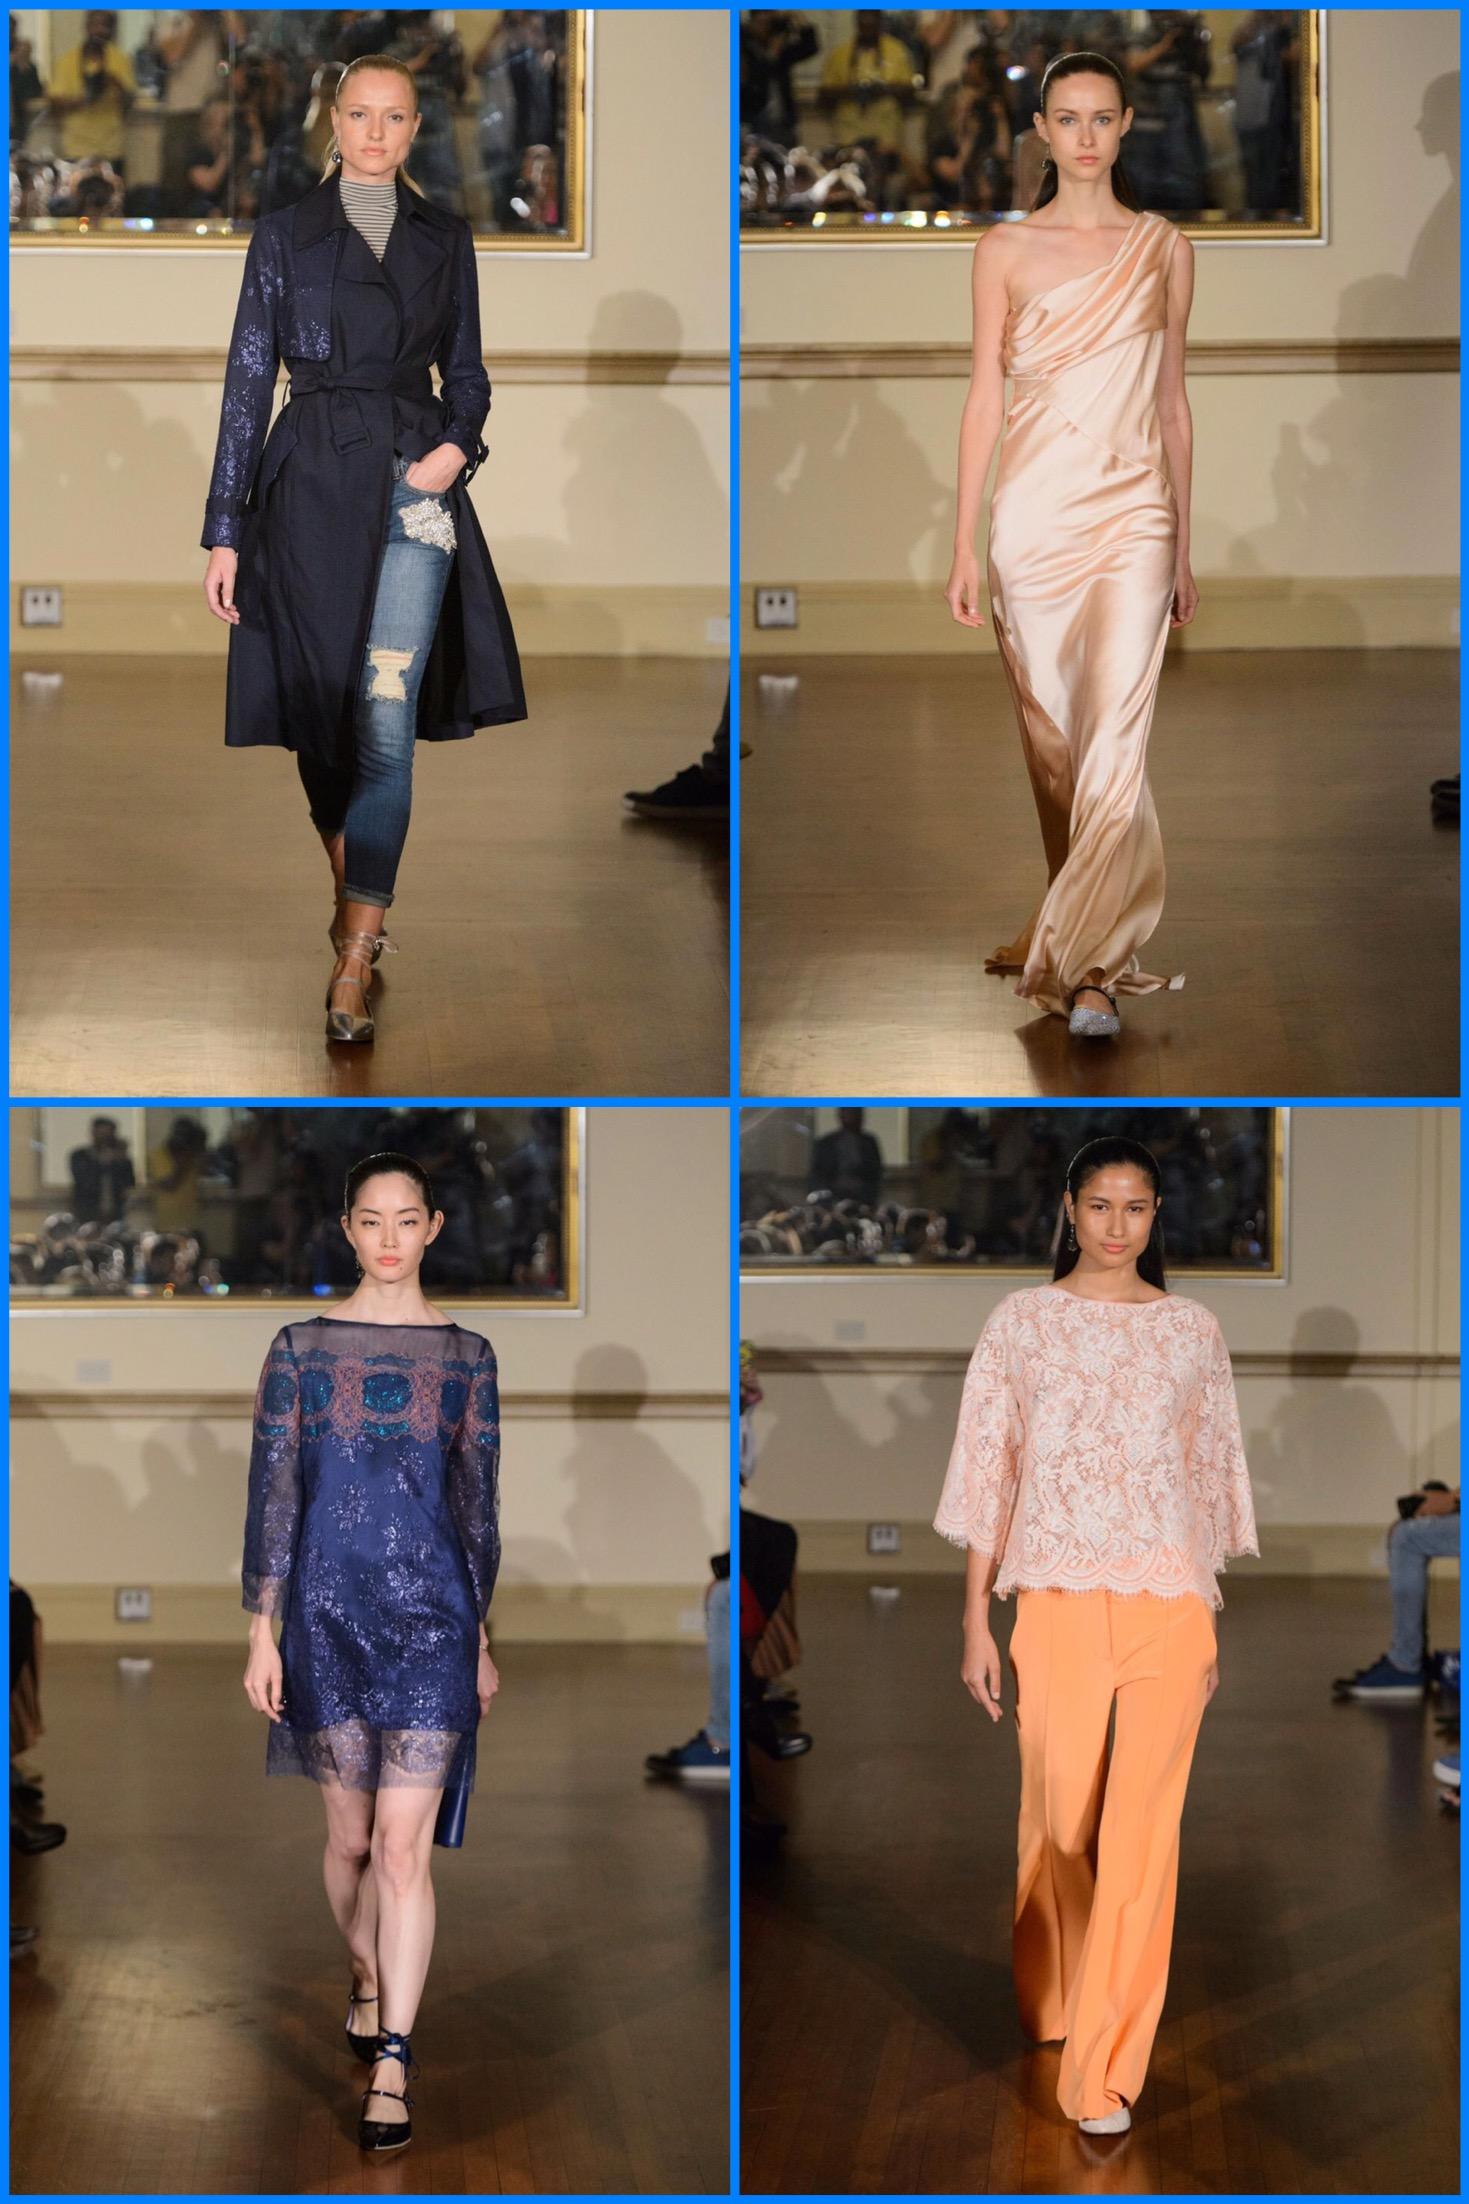 new-york-fashion-week-pret-a-porter-spring-summer-2017-style-yuna-yang